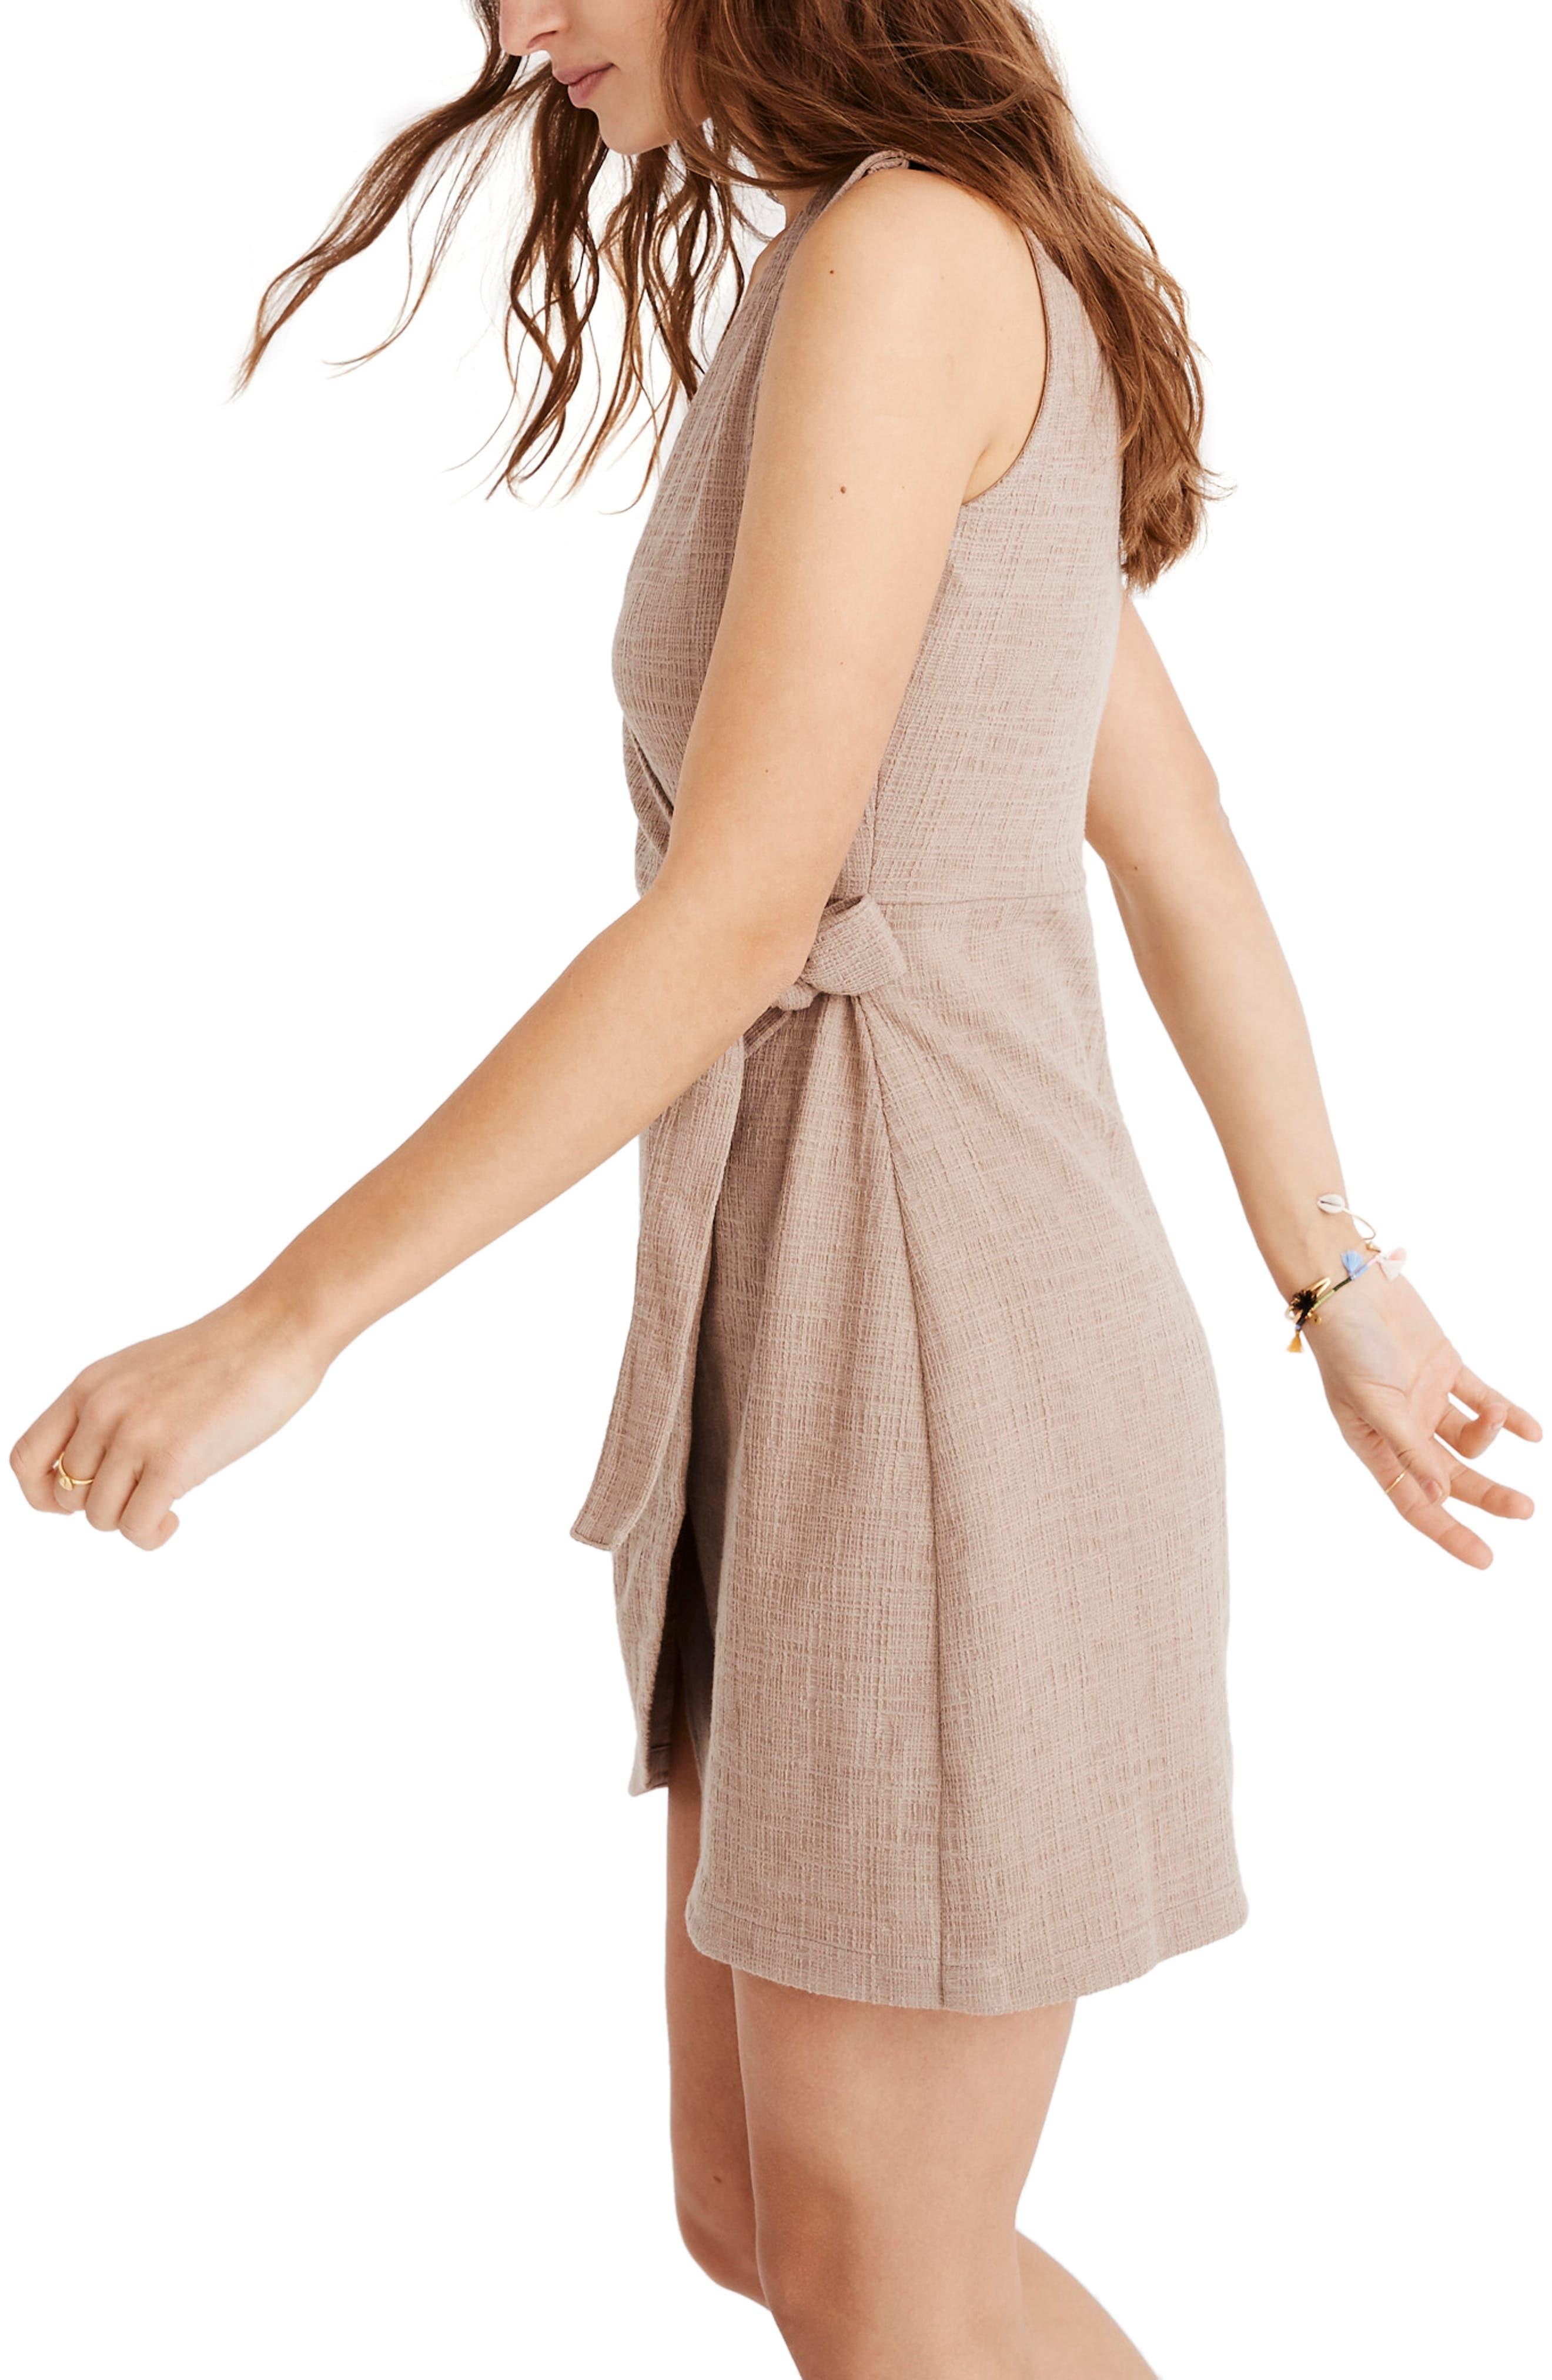 MADEWELL, Texture & Thread Side Tie Minidress, Alternate thumbnail 5, color, TELLURIDE STONE